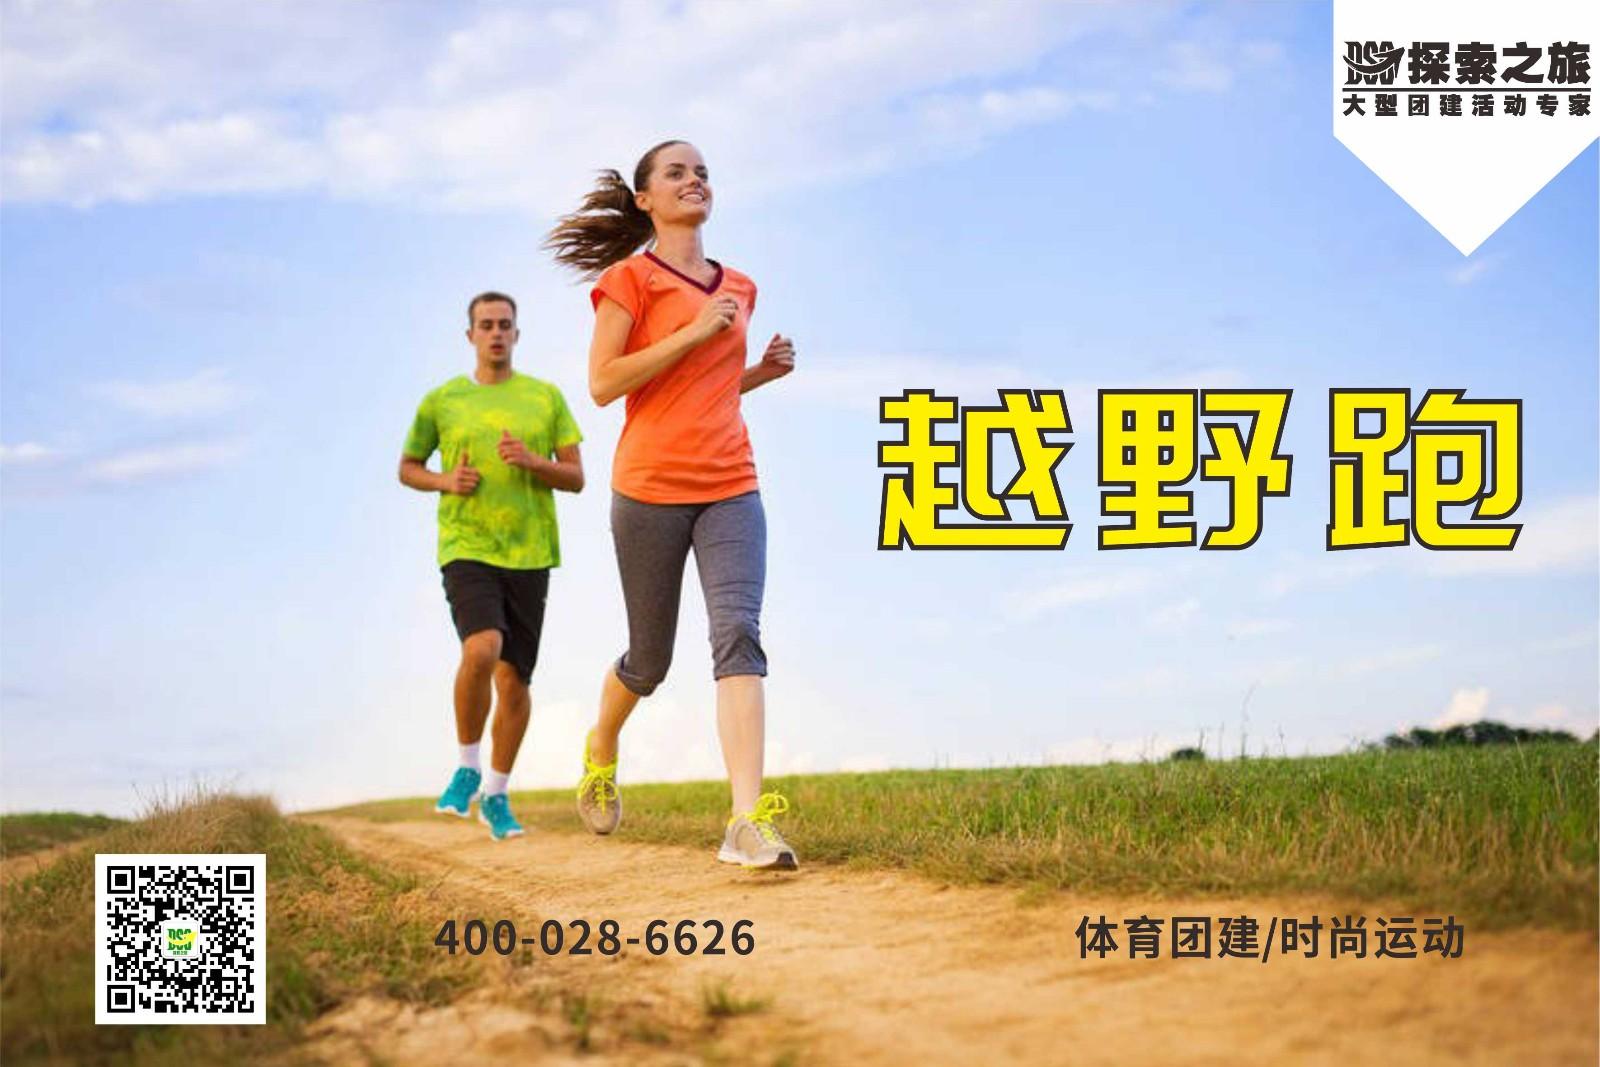 【企业马拉松】越野跑